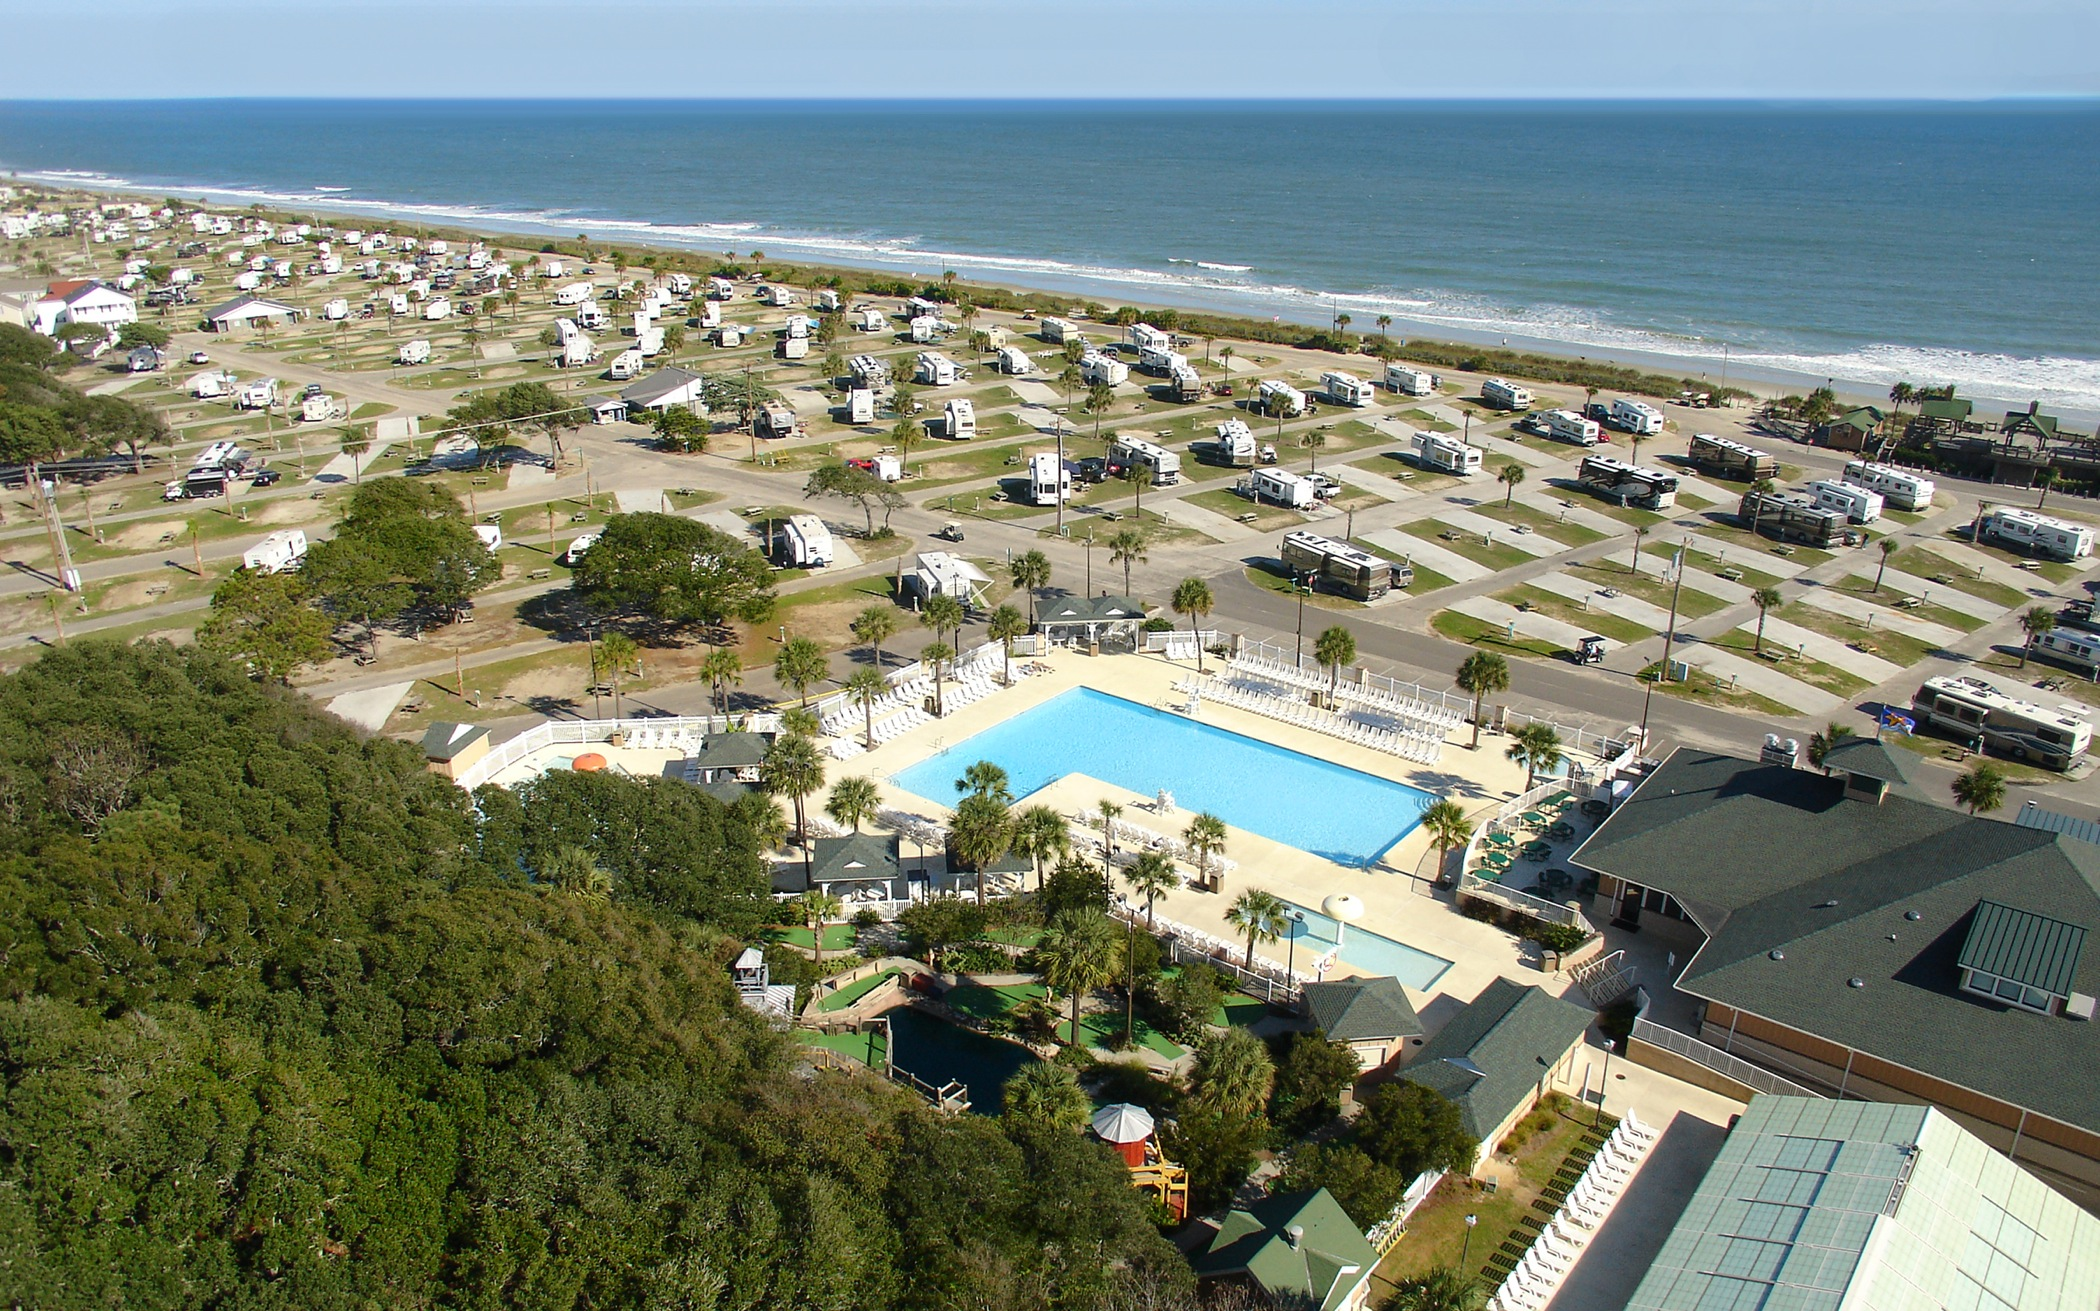 Myrtle Beach Motorhome Rentals